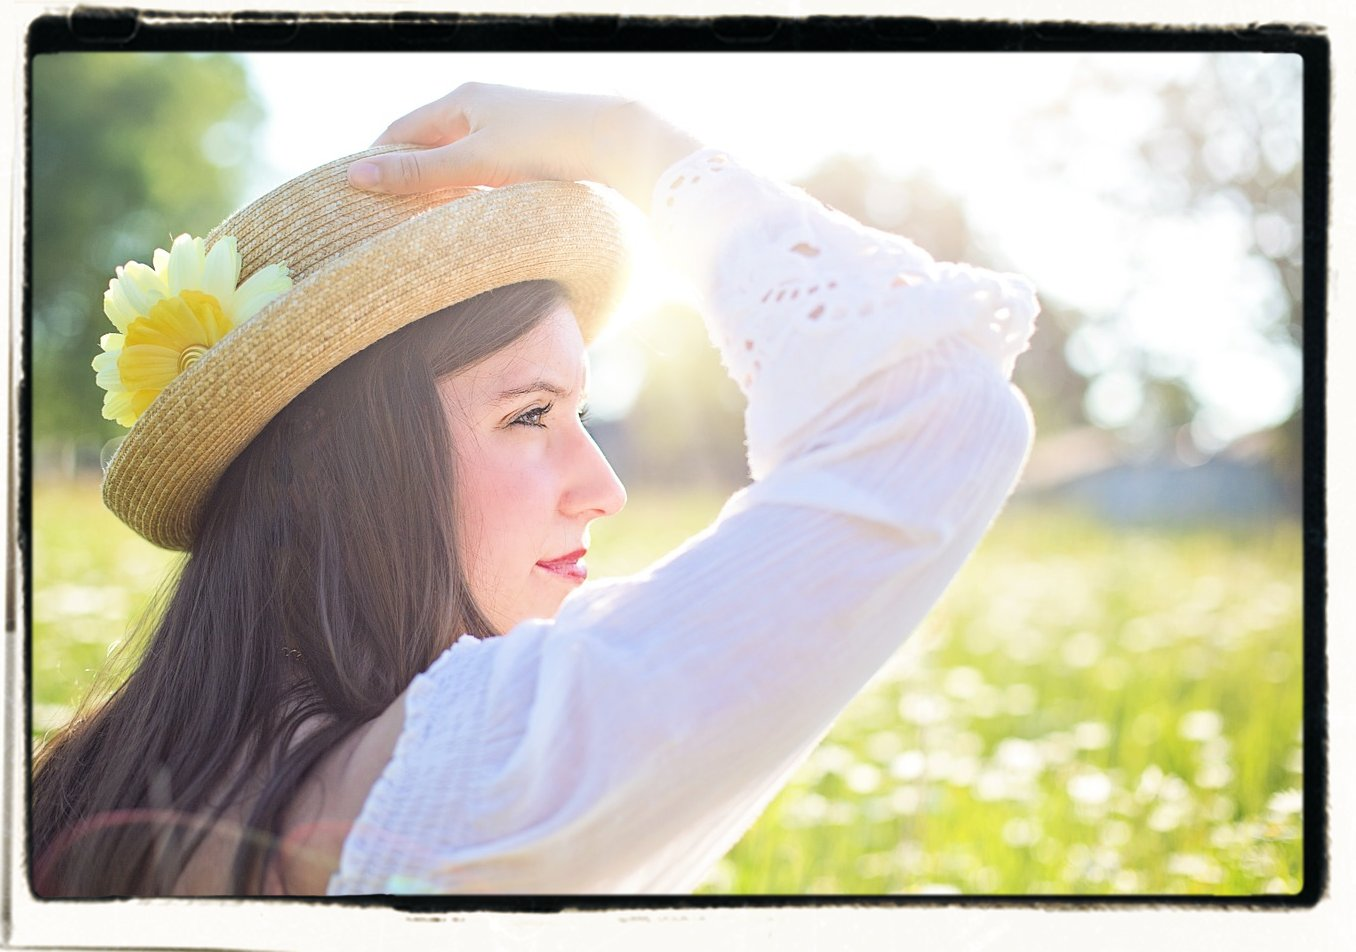 woman in a field of flowers wearing a hat